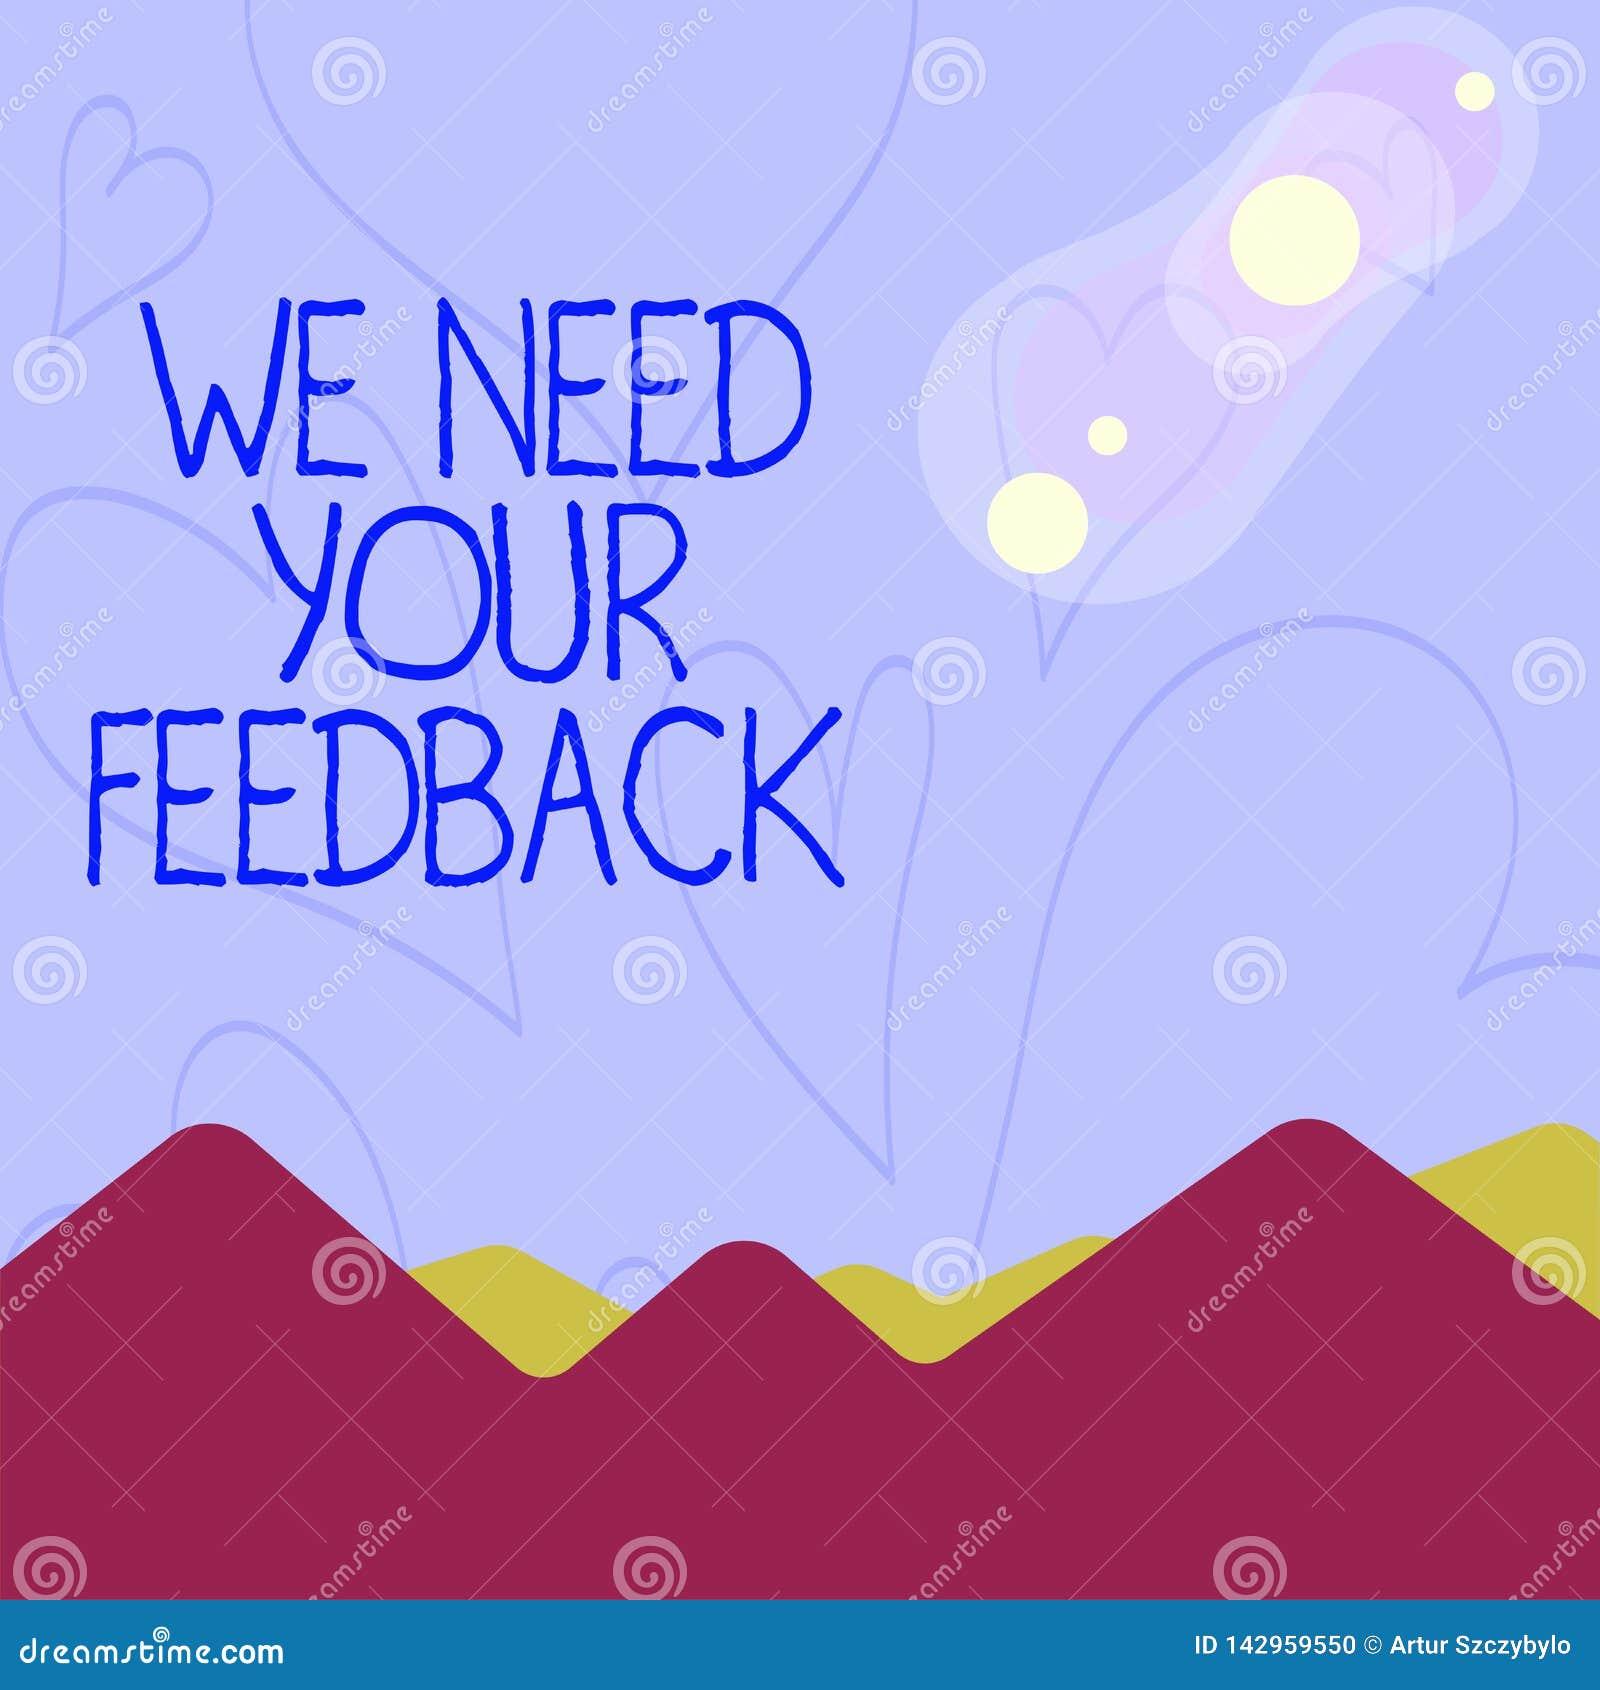 概念性手文字陈列我们需要您的反馈 企业照片陈列的批评指定说可以完成